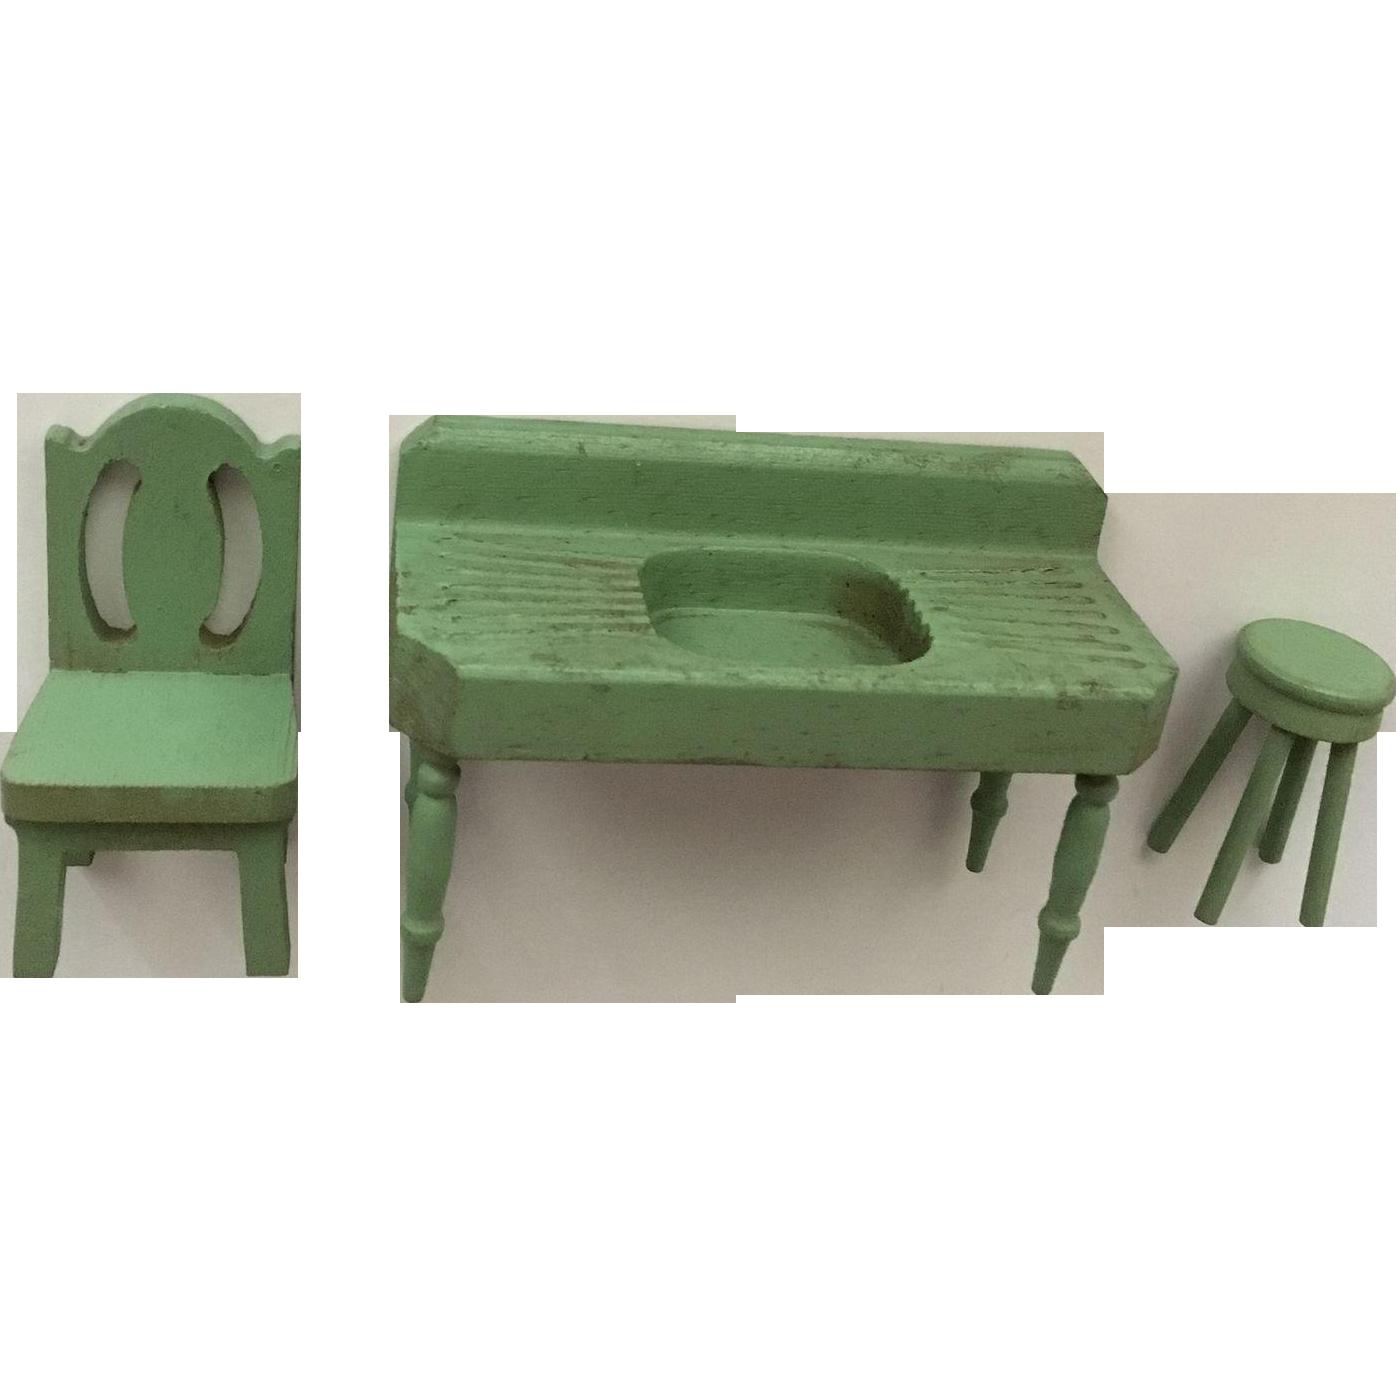 Wonderful 1940's strombecker dollhouse Furniture